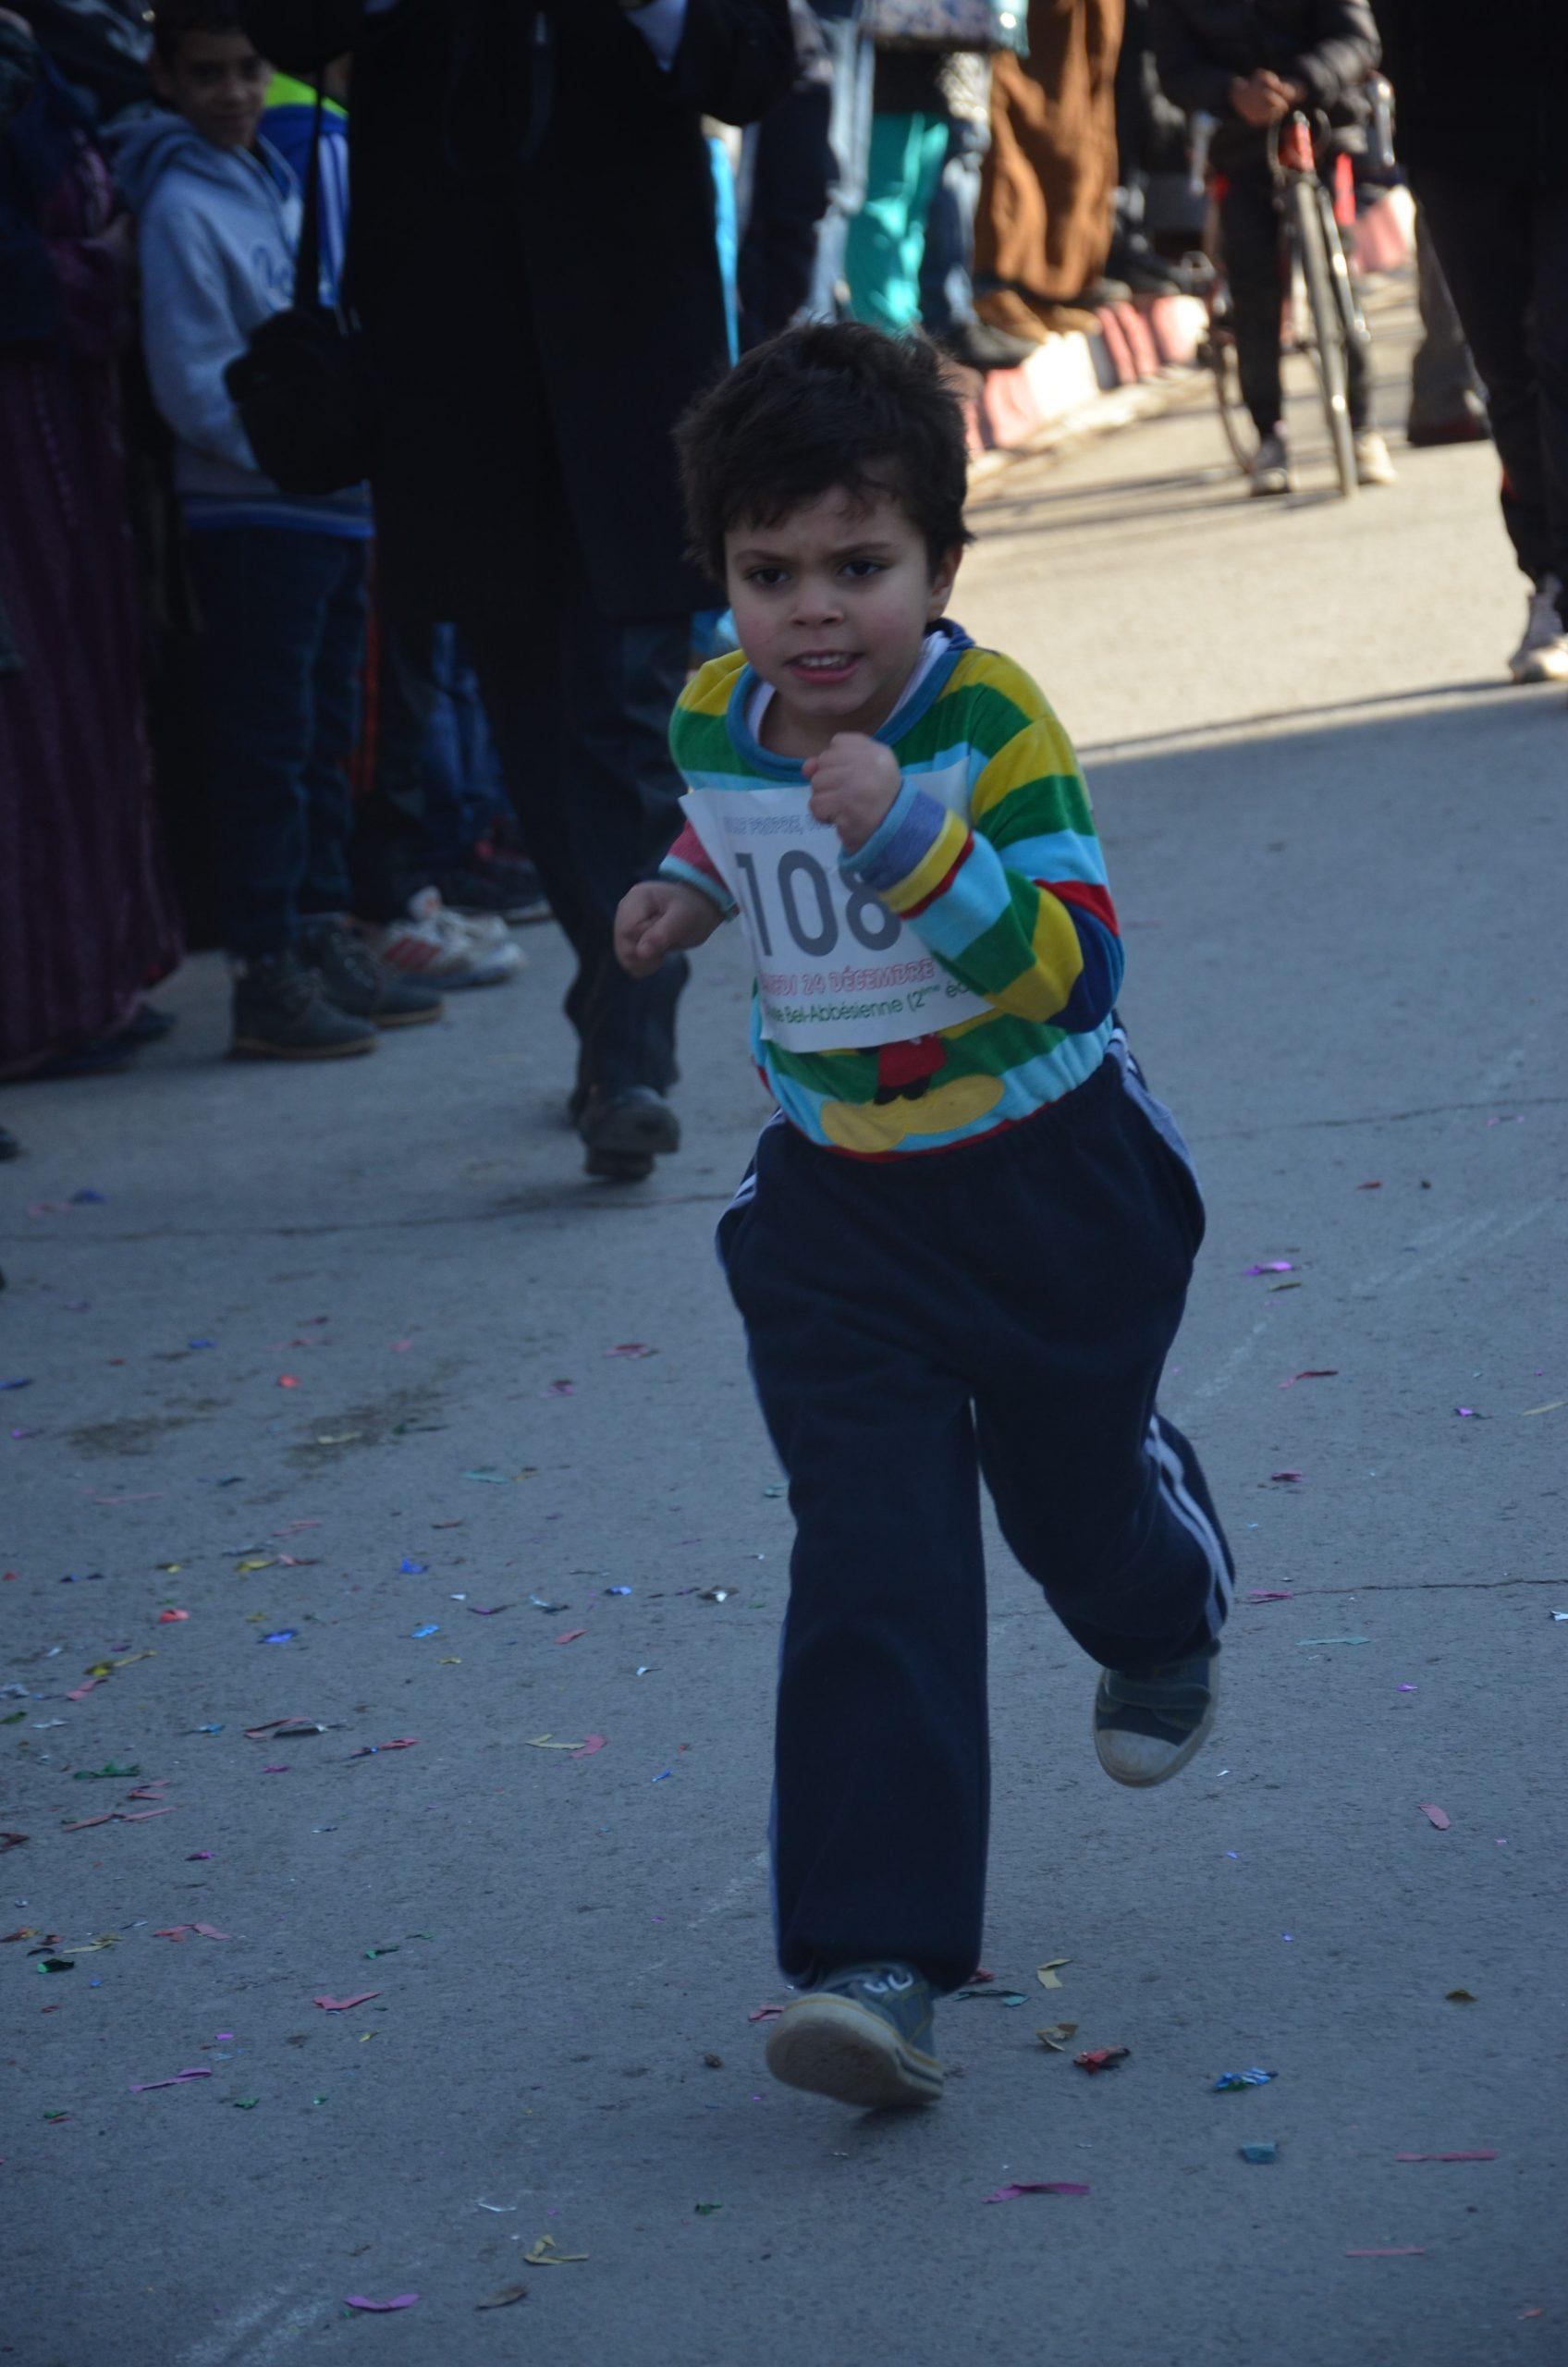 File:jeu Course Enfants 031 - Wikimedia Commons dedans Jeux Course Enfant